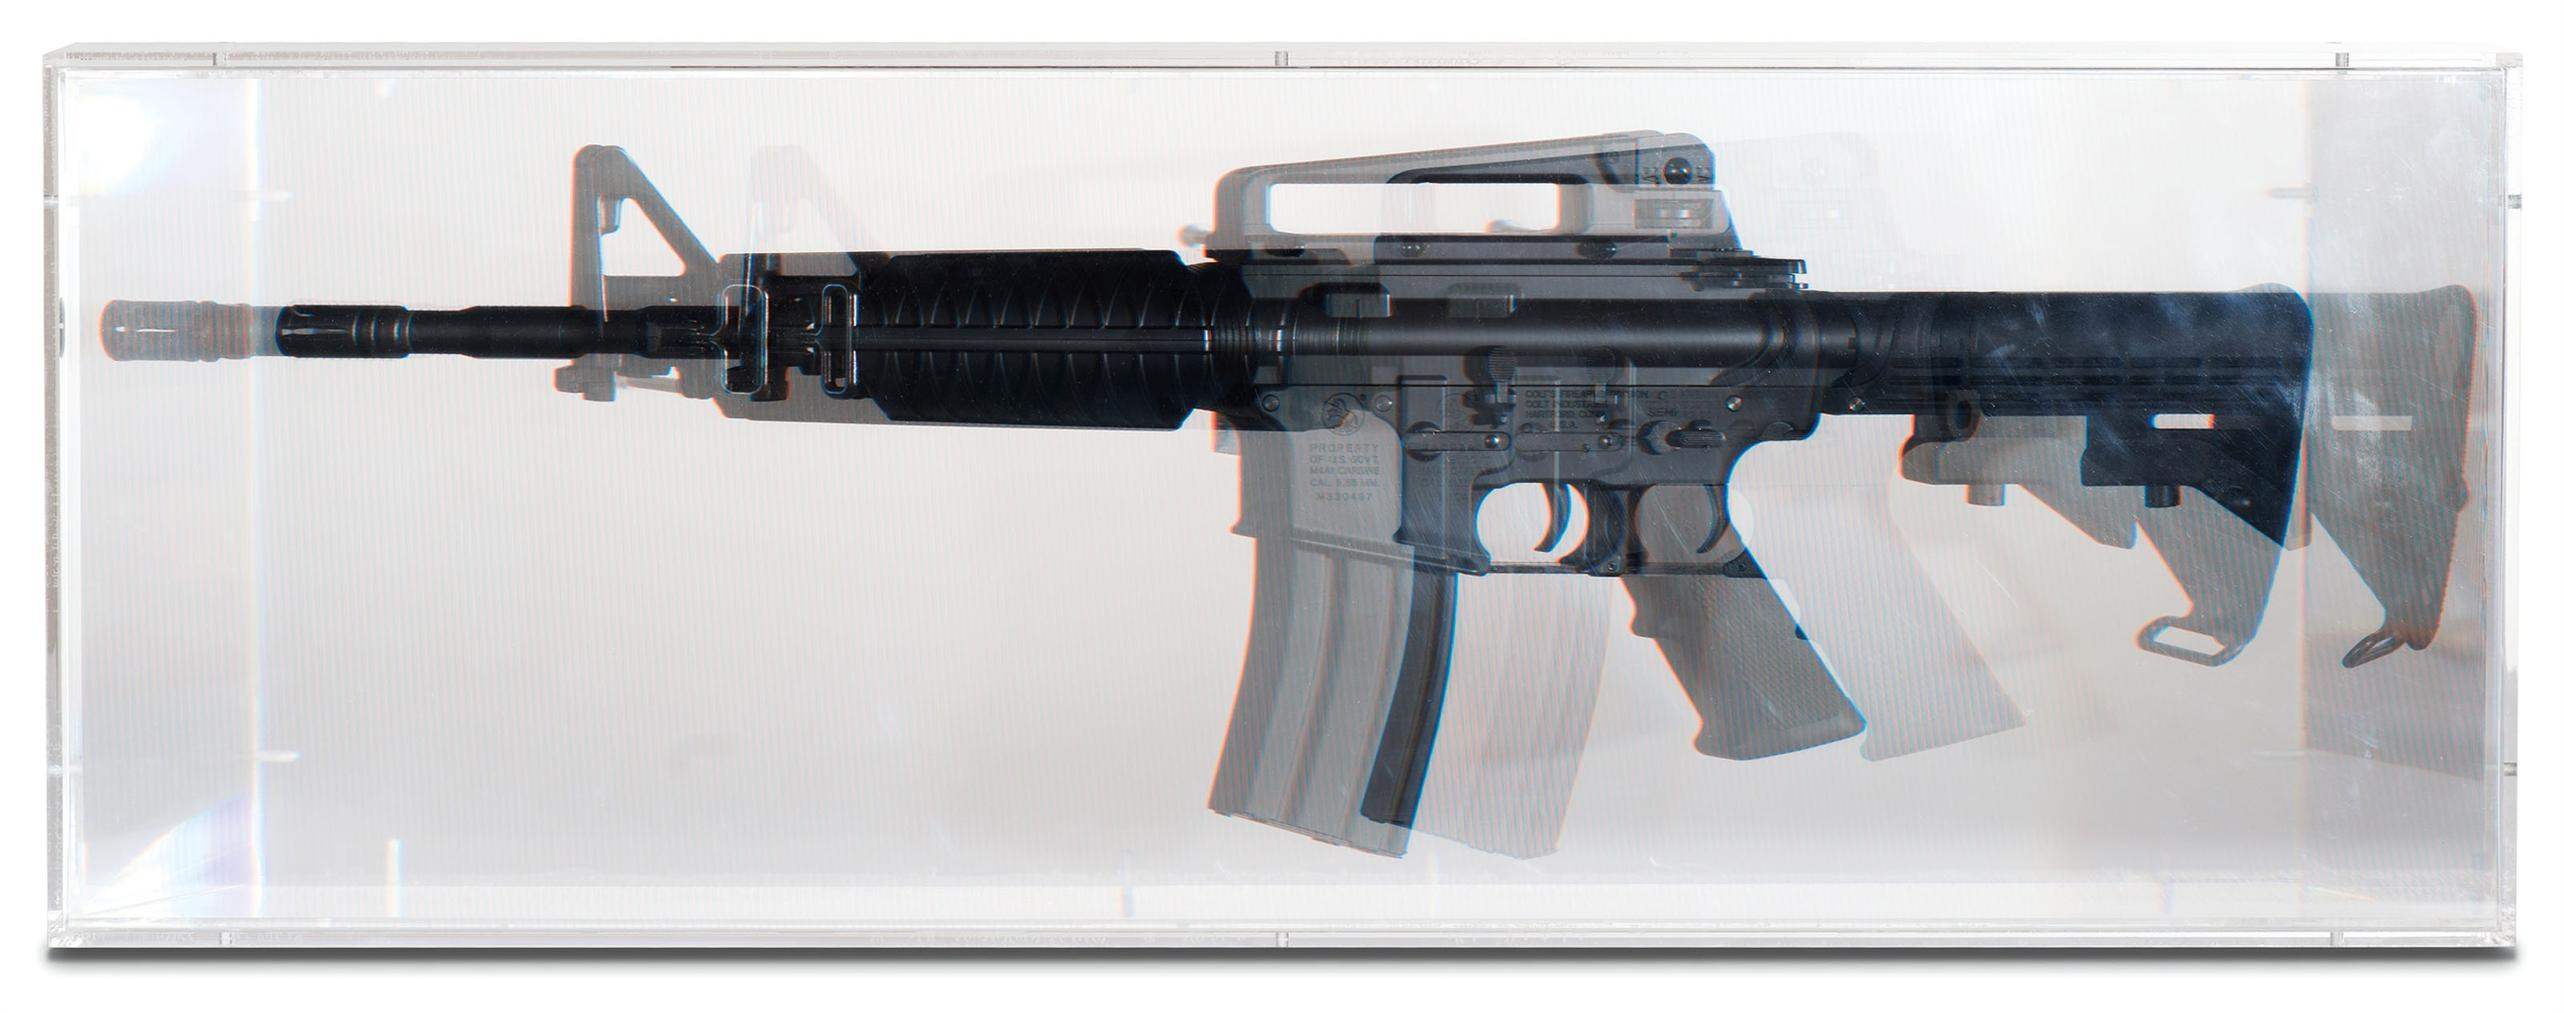 Kohei Nawa-Pixcell: Toy Machine Gun-2007